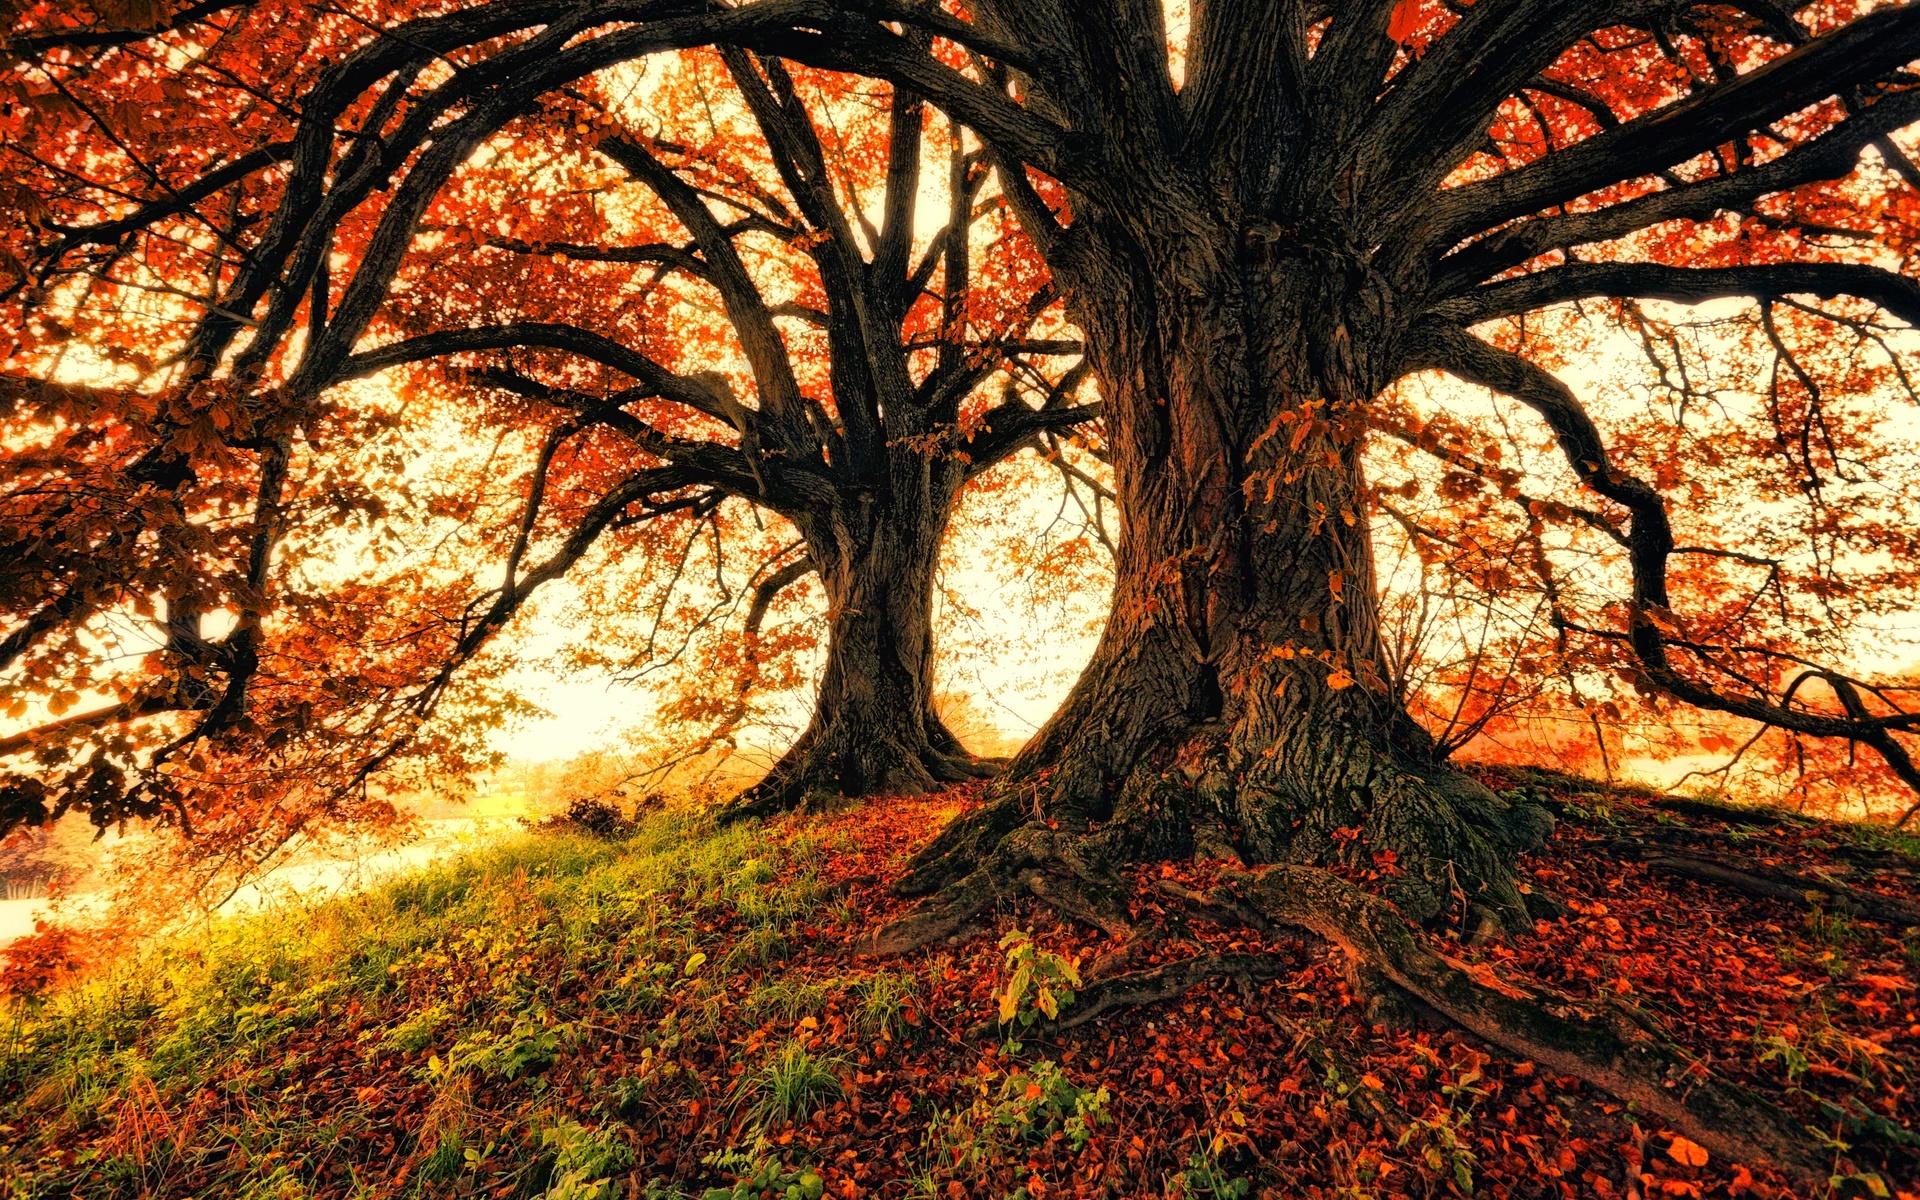 осень, деревья, природа, листва